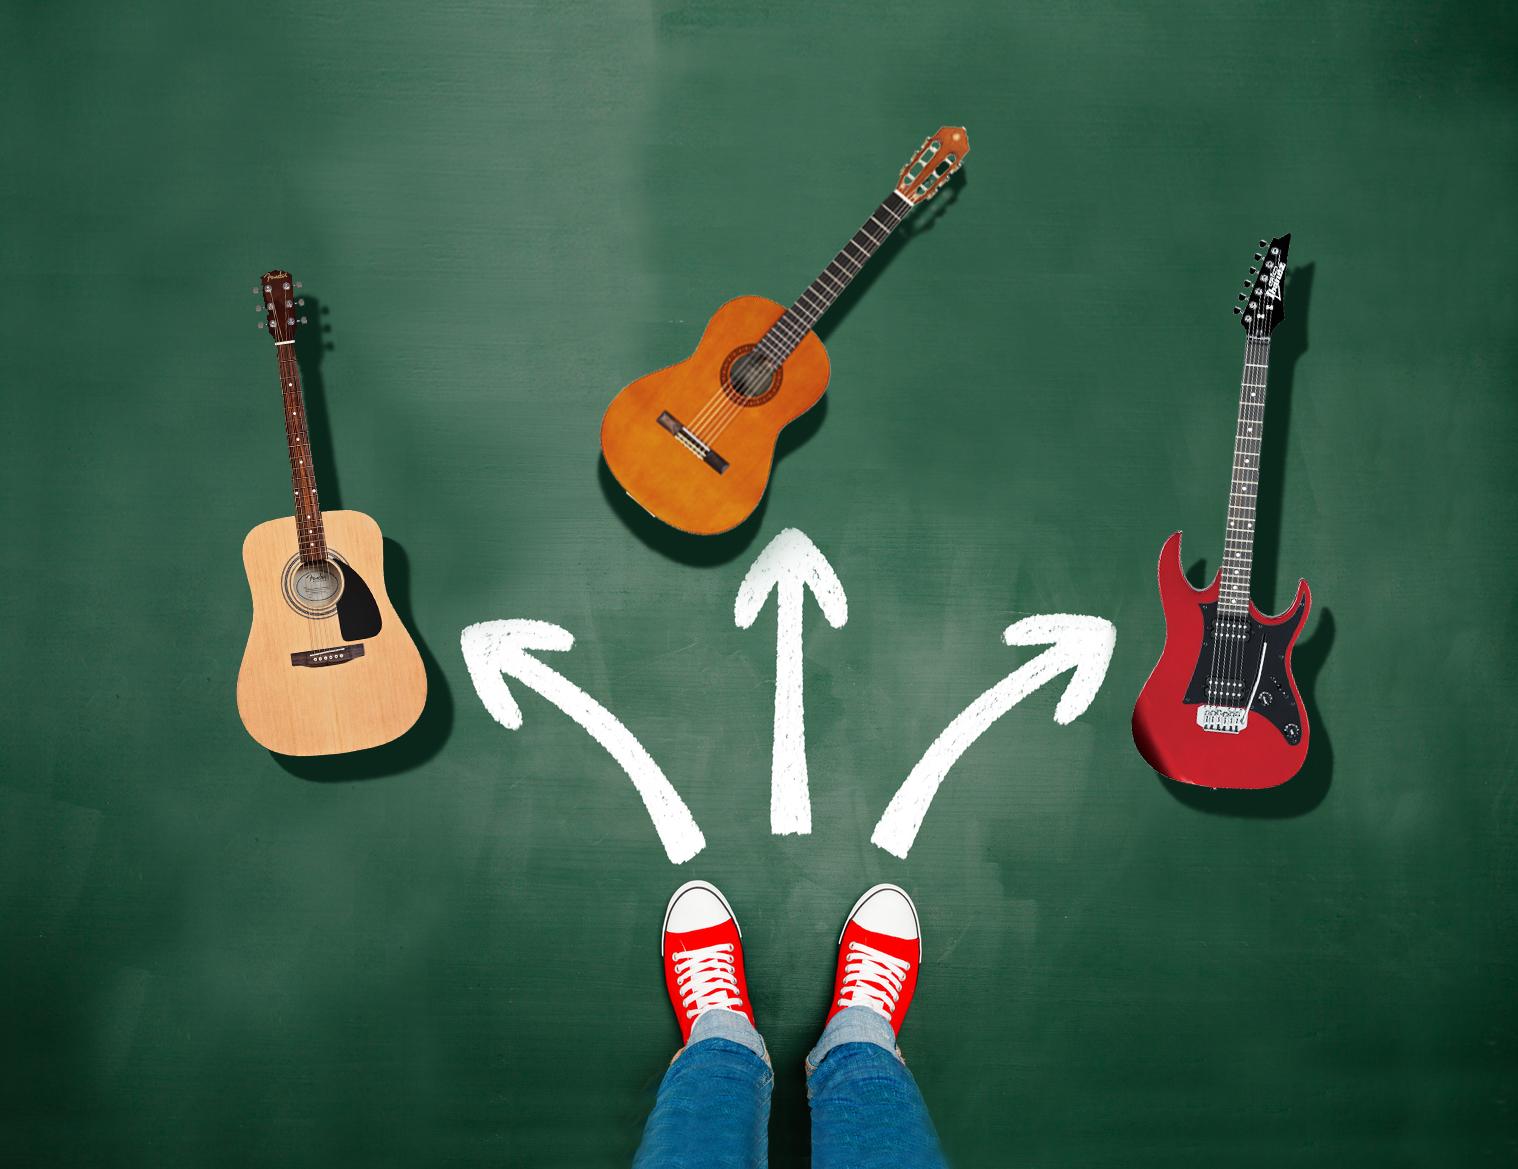 مختصری دربارۀ گیتار کلاسیک 1